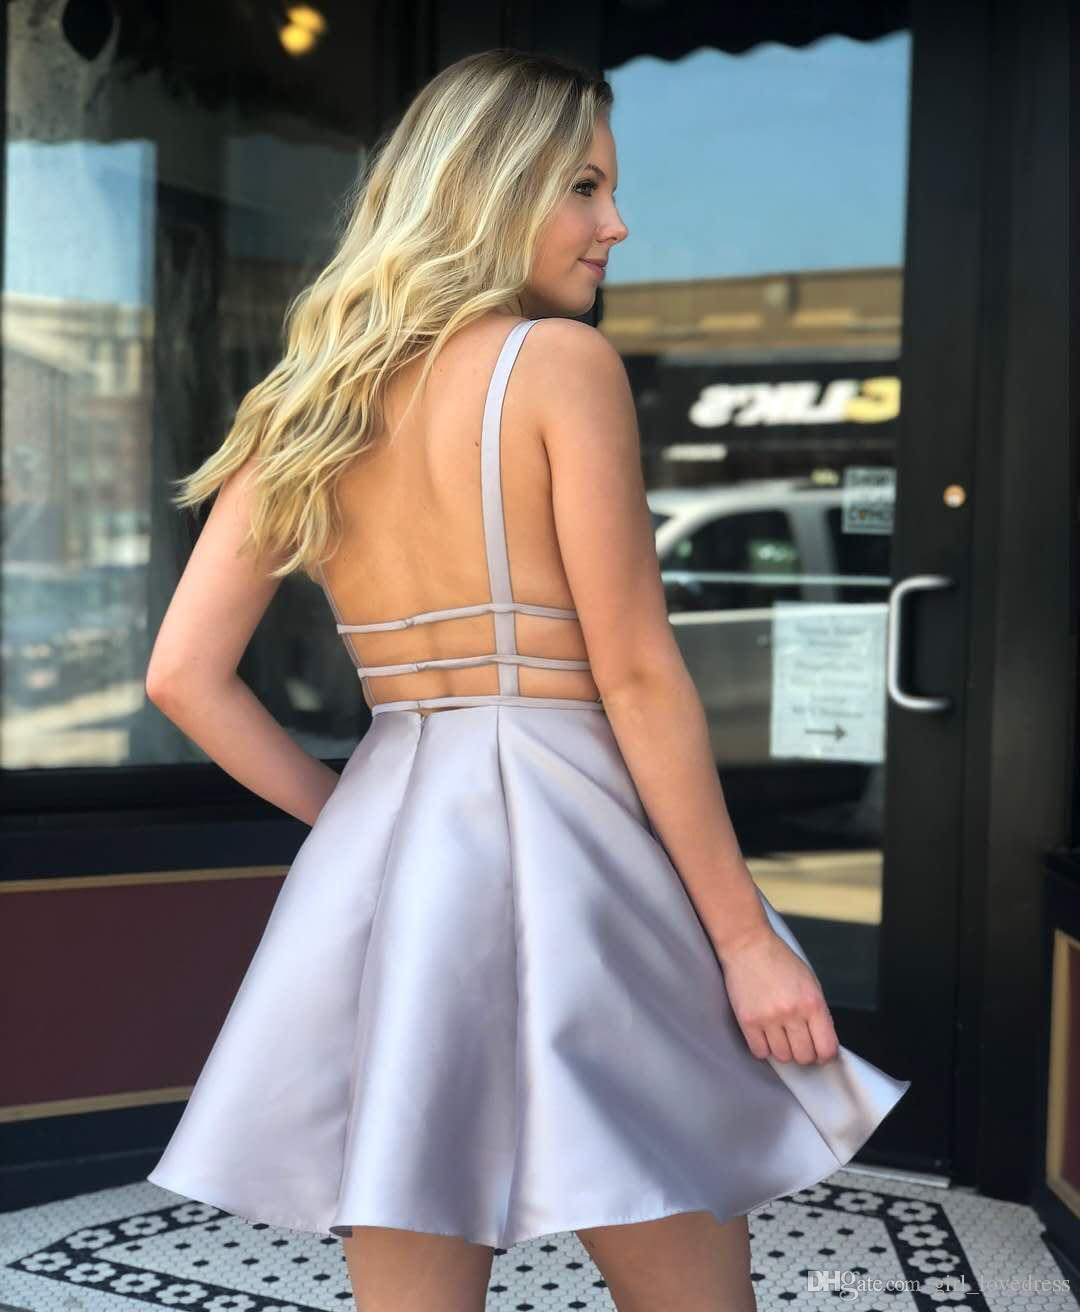 Großhandel A Line Tiefer V Ausschnitt Kurz Silber Satin Kleid Mit Taschen  Mini Graduation Dresses Für Abschlussball Party Nach Maß Für Mädchen Von